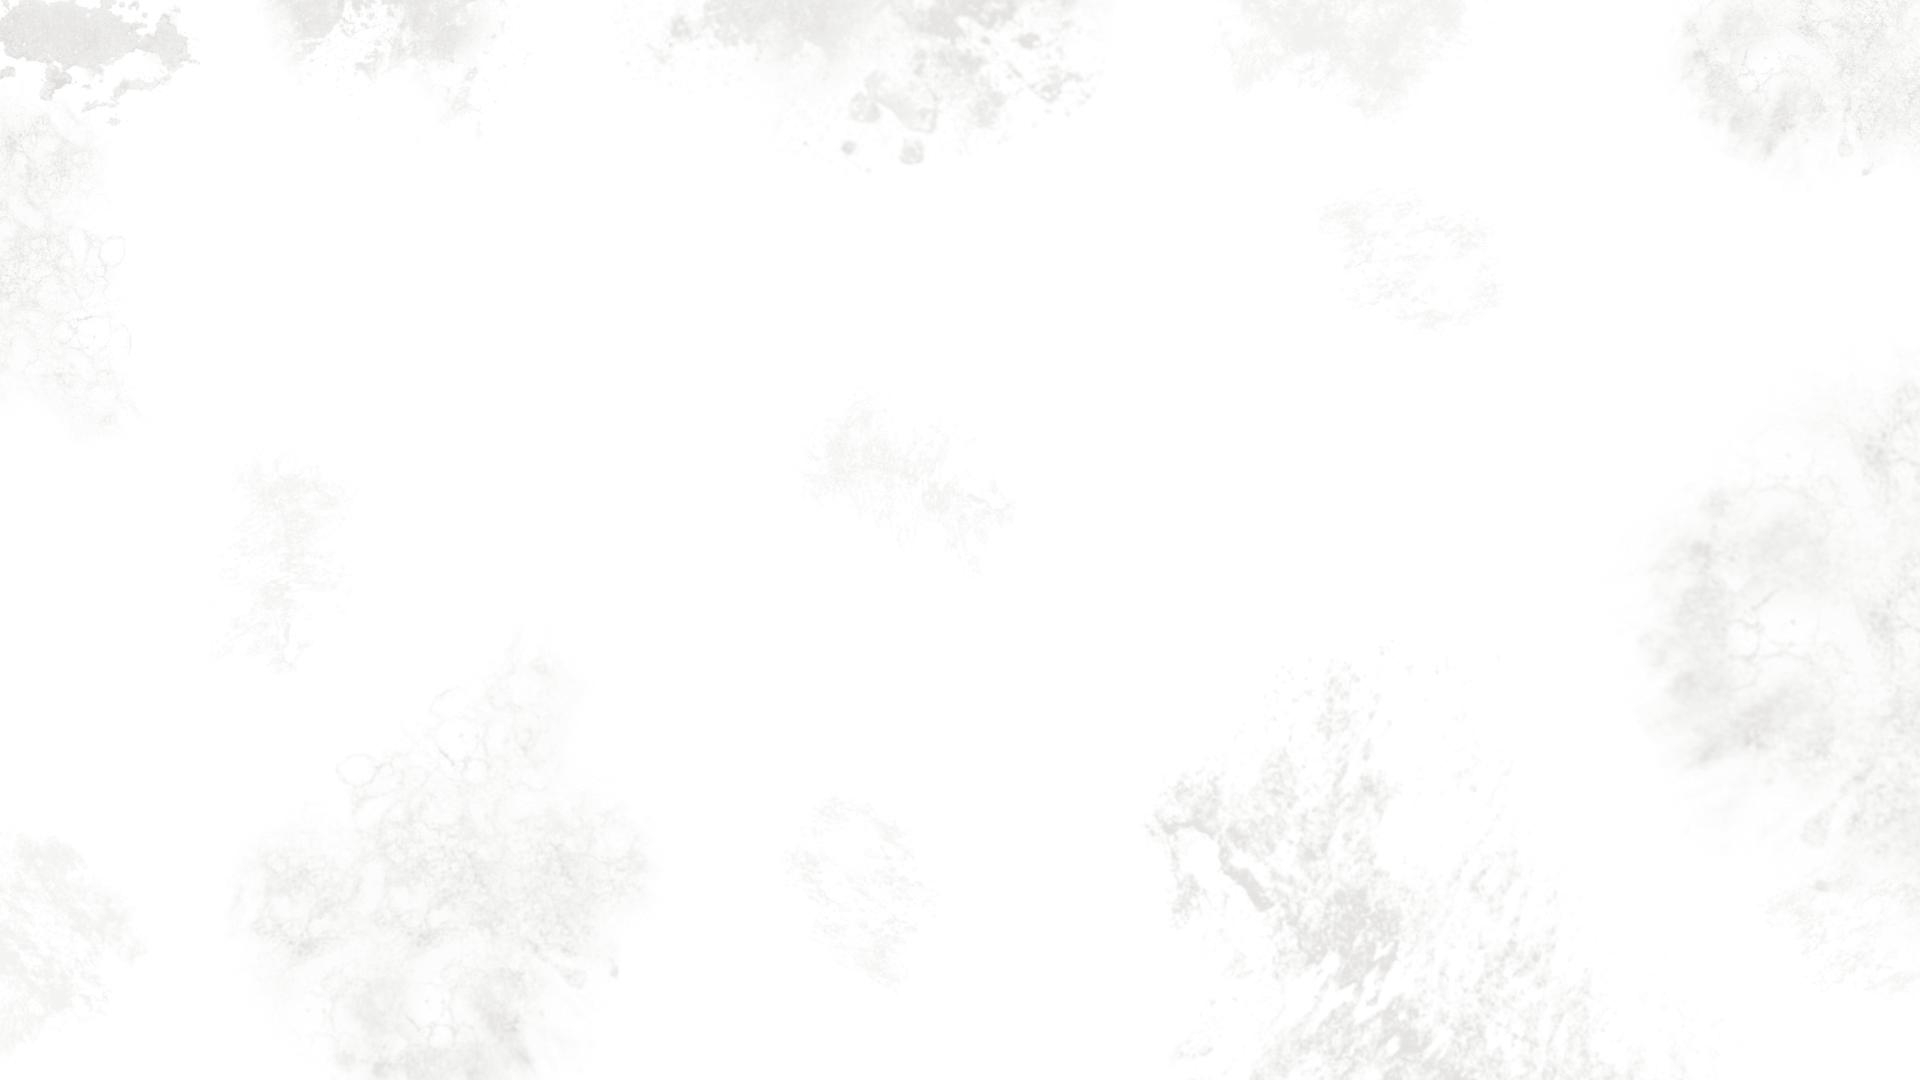 Hintergrund grau